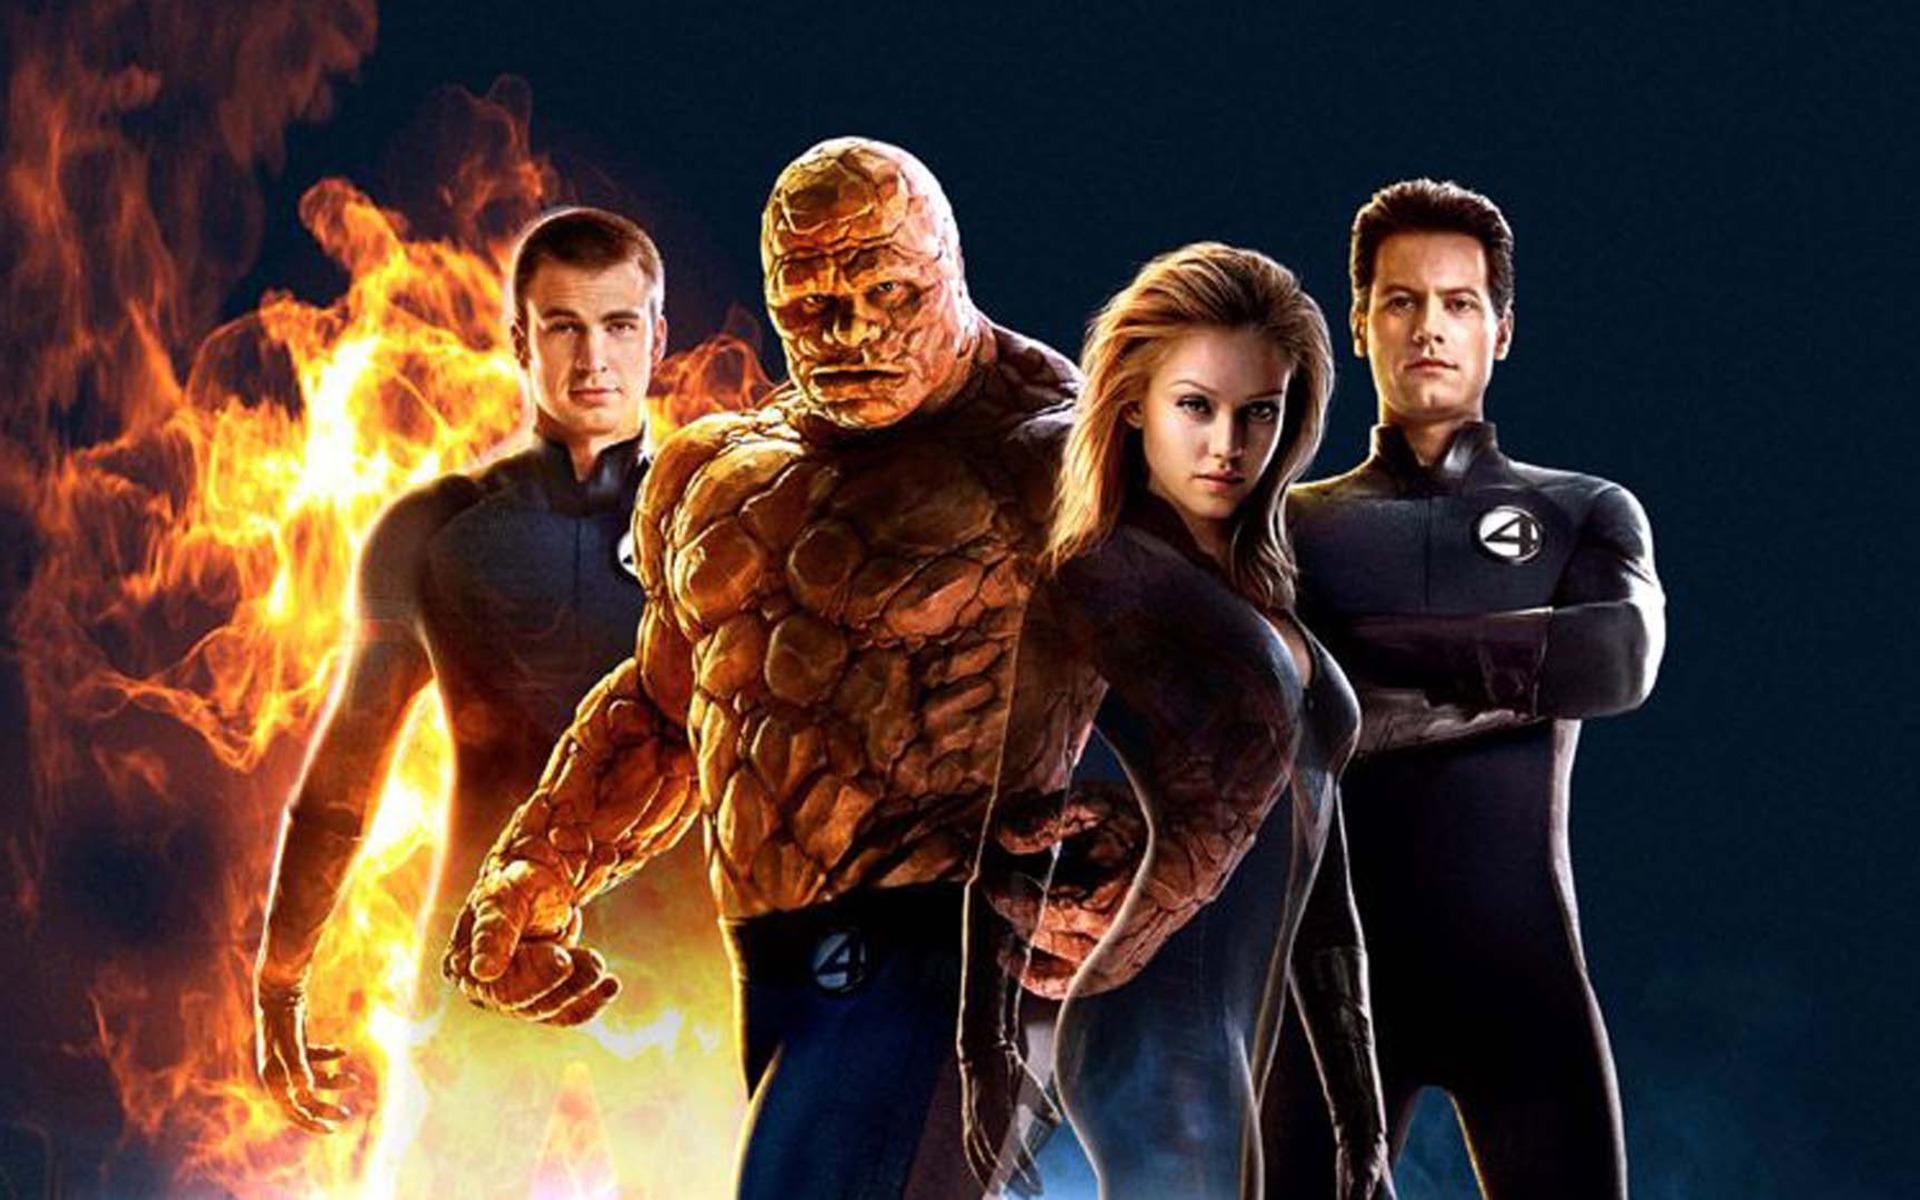 قوة خارقة ومعركة اضطرارية في أفلام سهرة الأربعاء